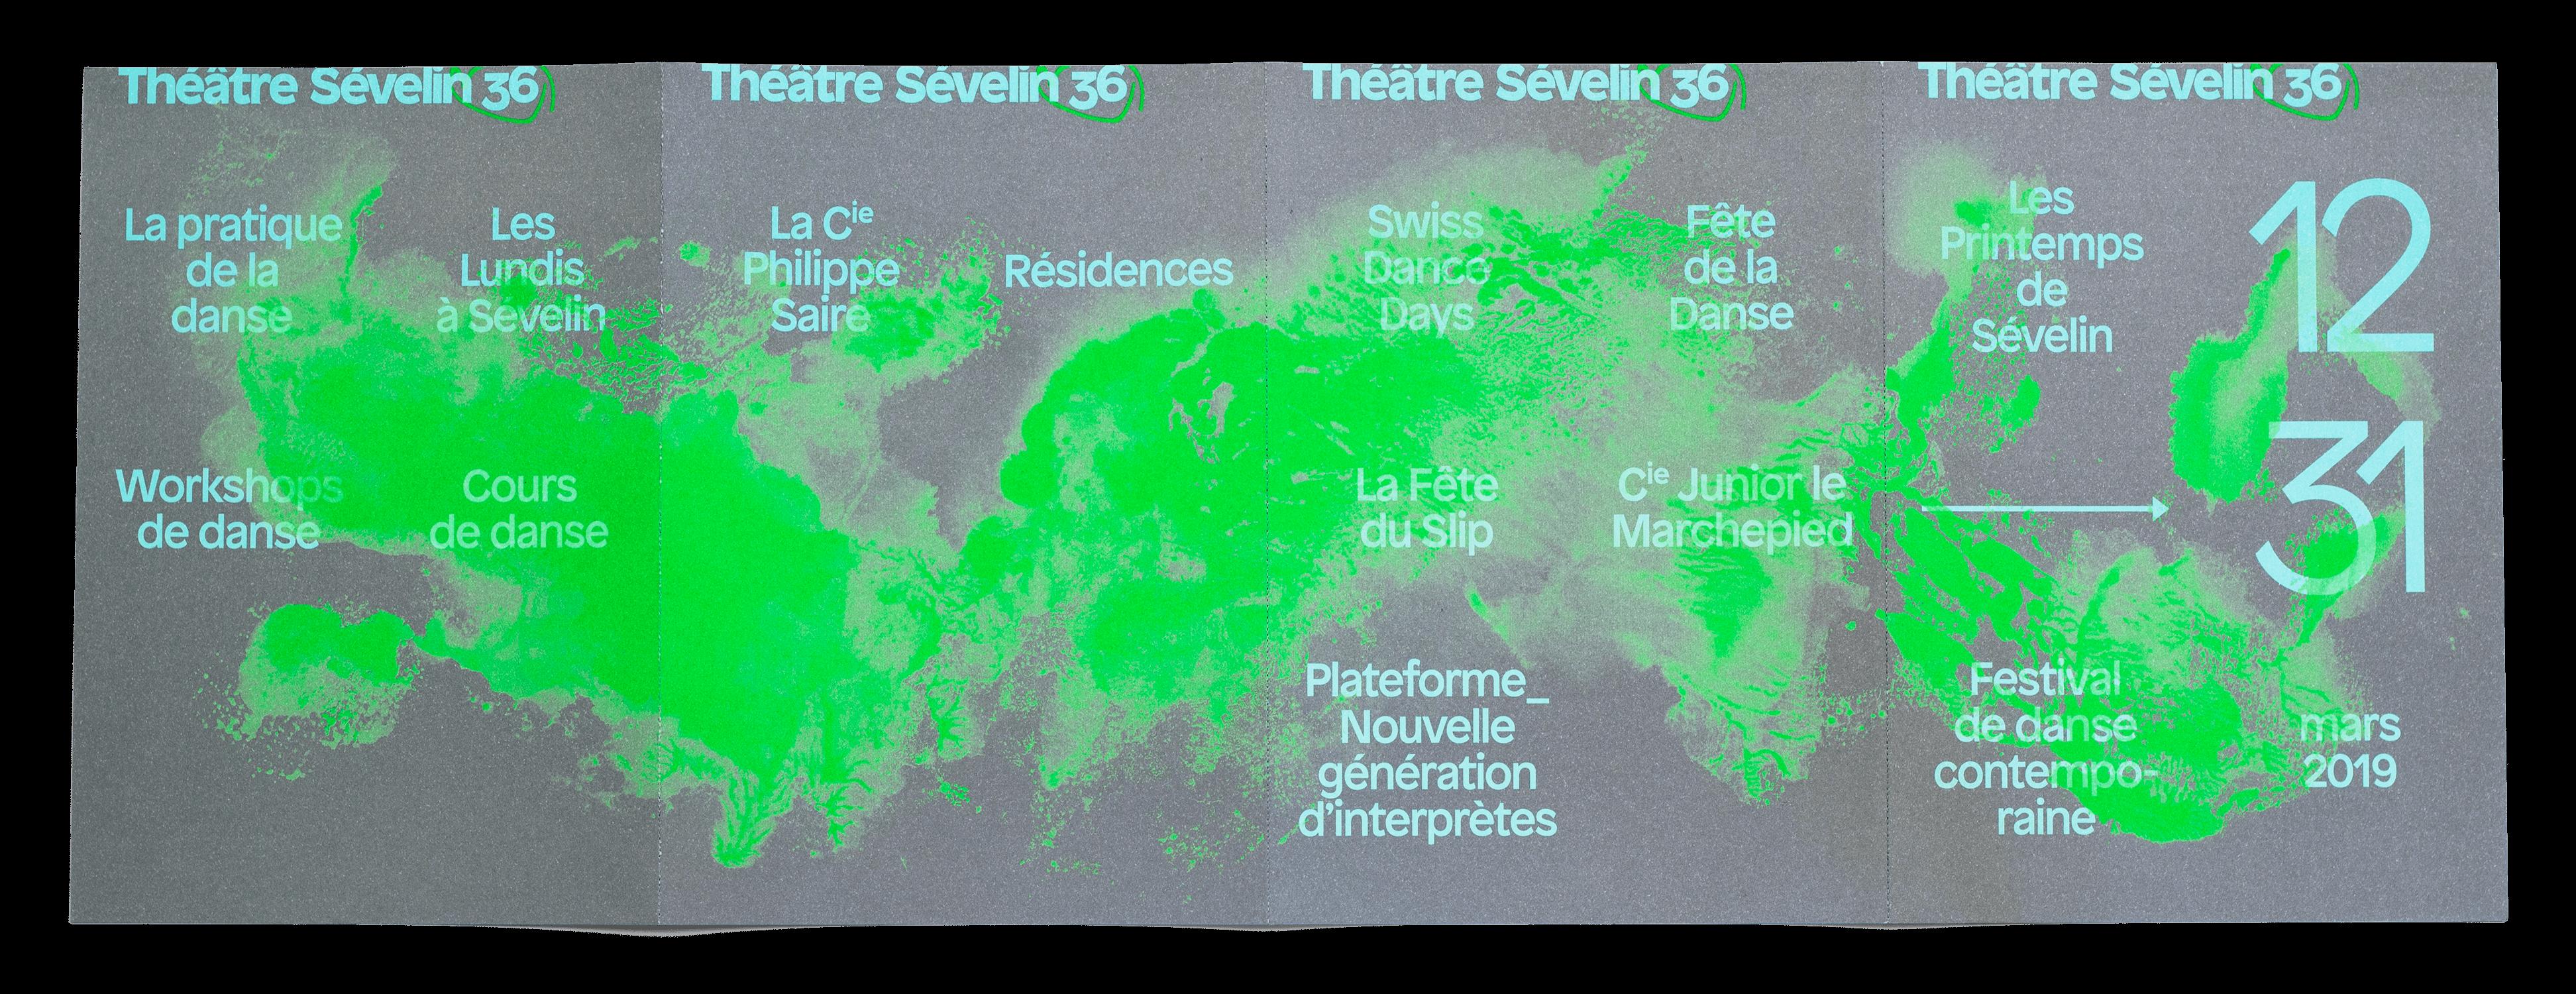 Illustration d'Isabelle Schiper sur le dépliant de saison 2019 pour le Théâtre Sévelin 36, Lausanne, recto